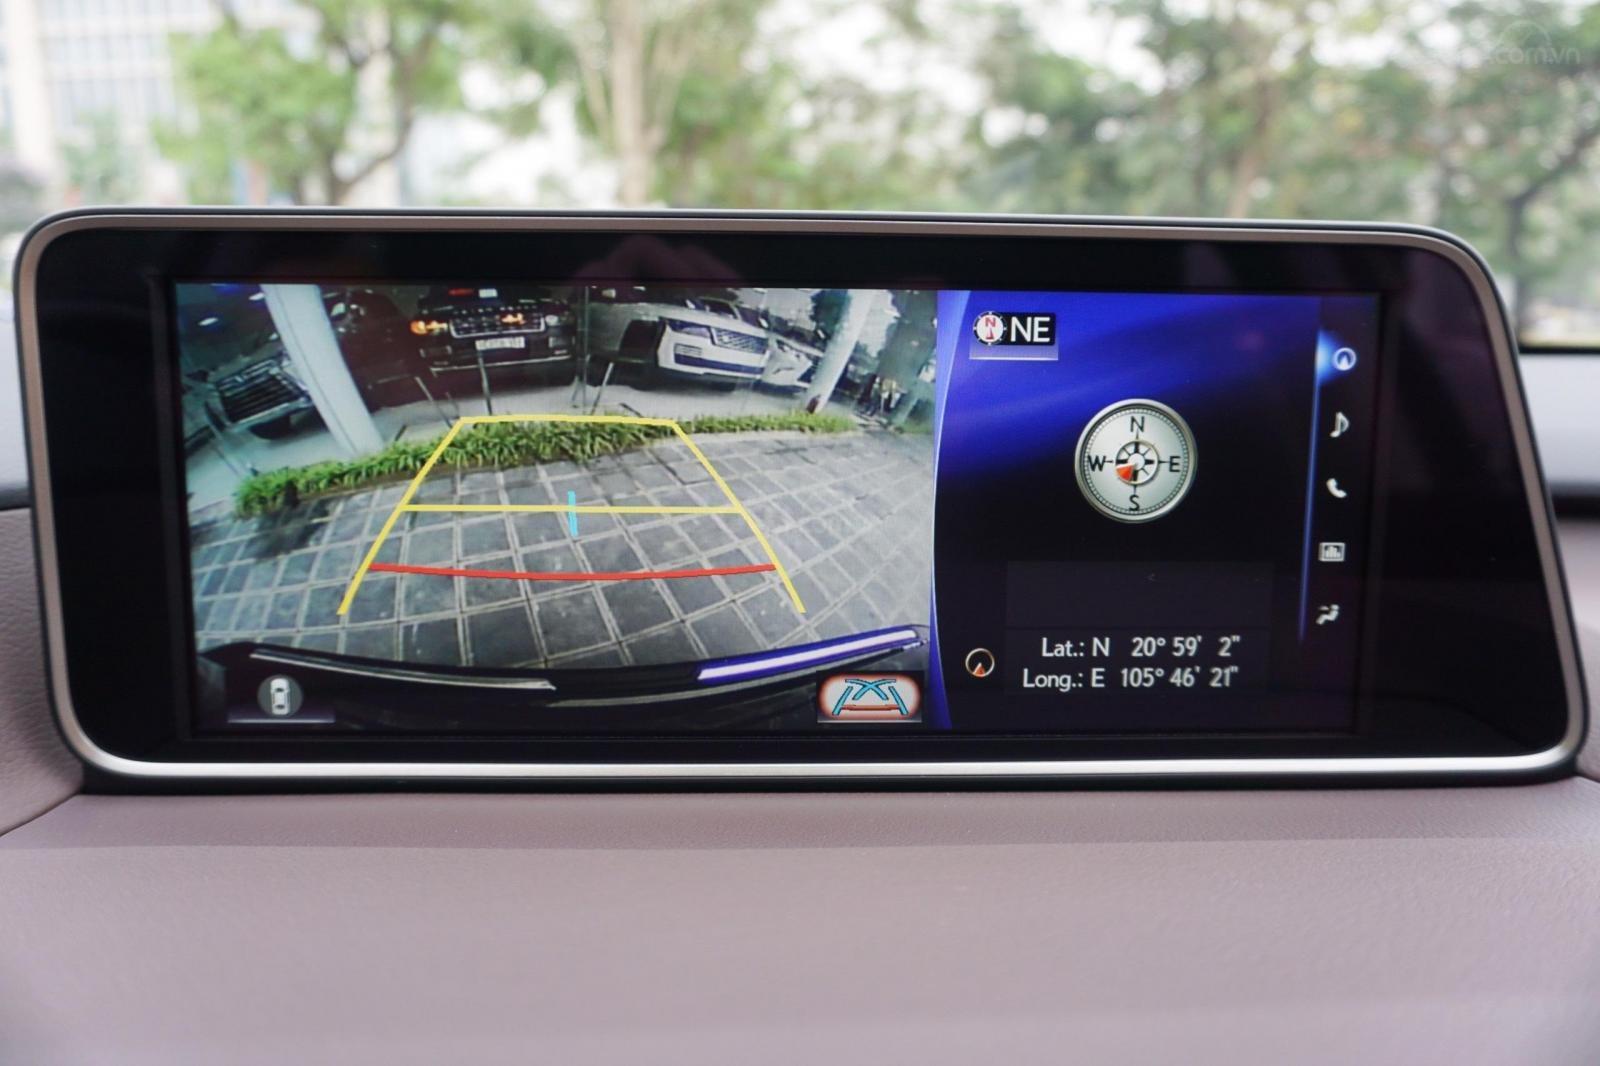 Bán Lexus RX 350 sản xuất 2019, màu đen, nhập Mỹ, giao ngay, LH 094.539.2468 Ms Hương (7)